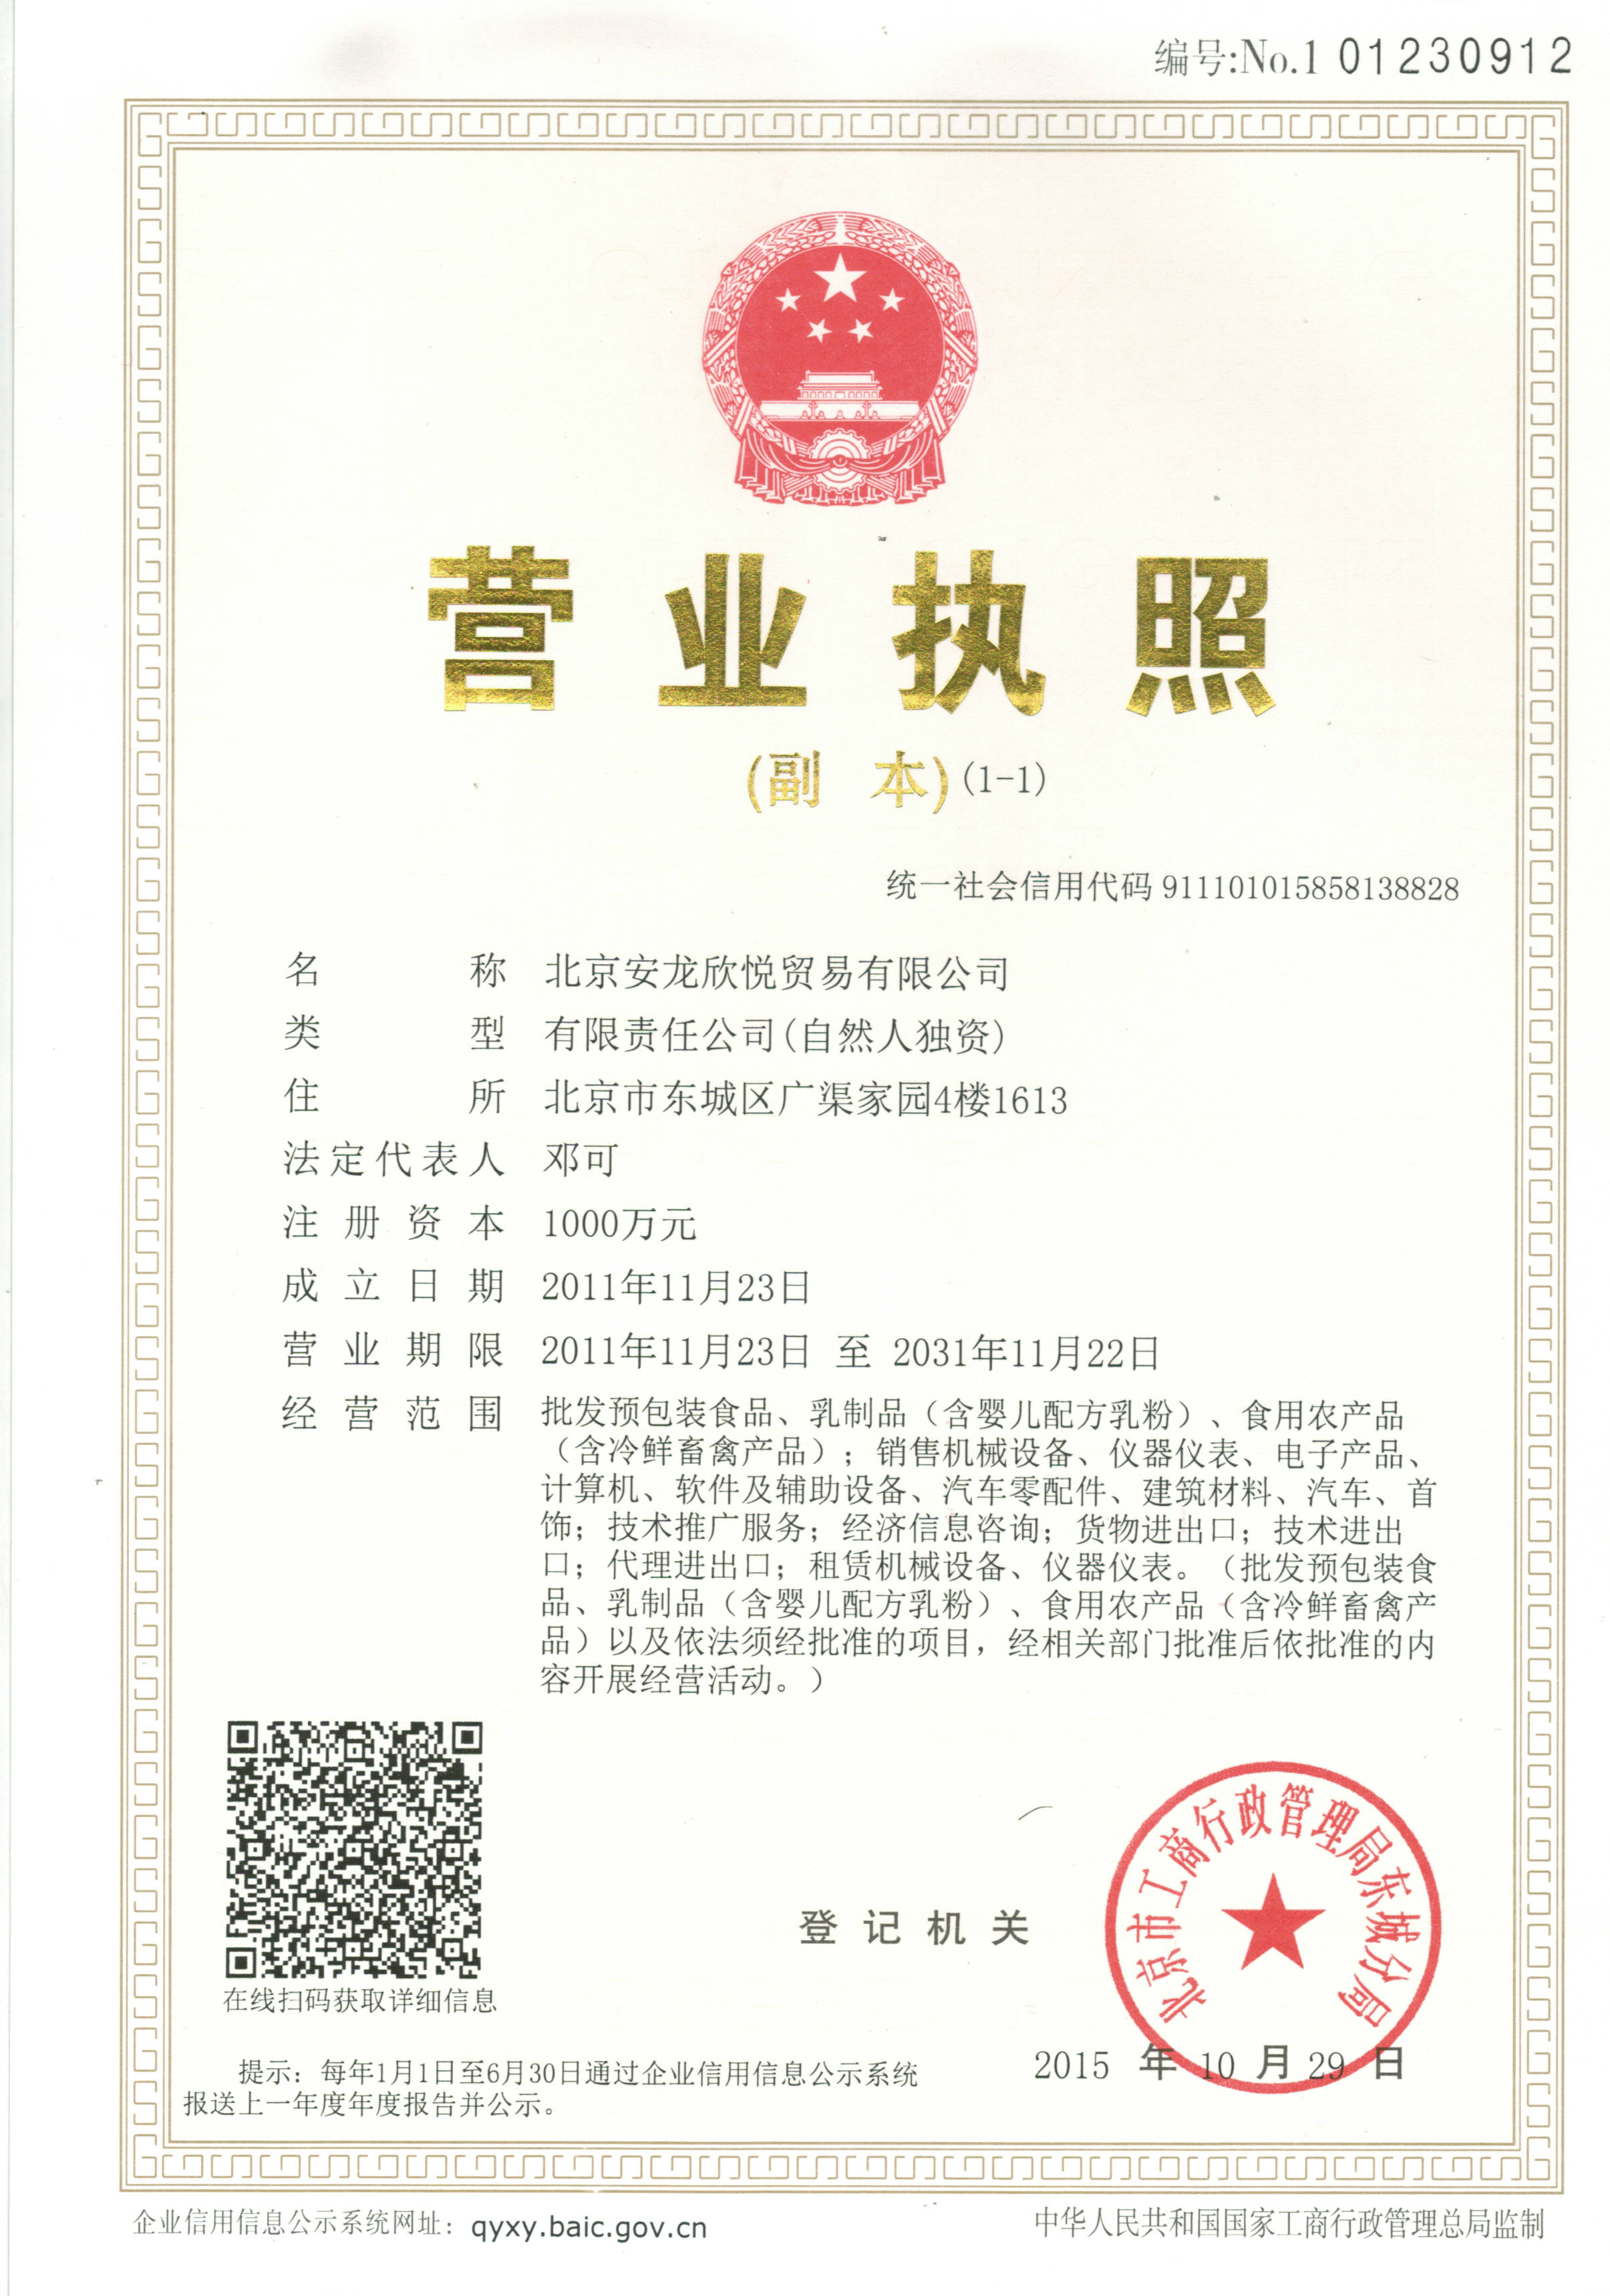 北京安龙欣悦贸易有限公司